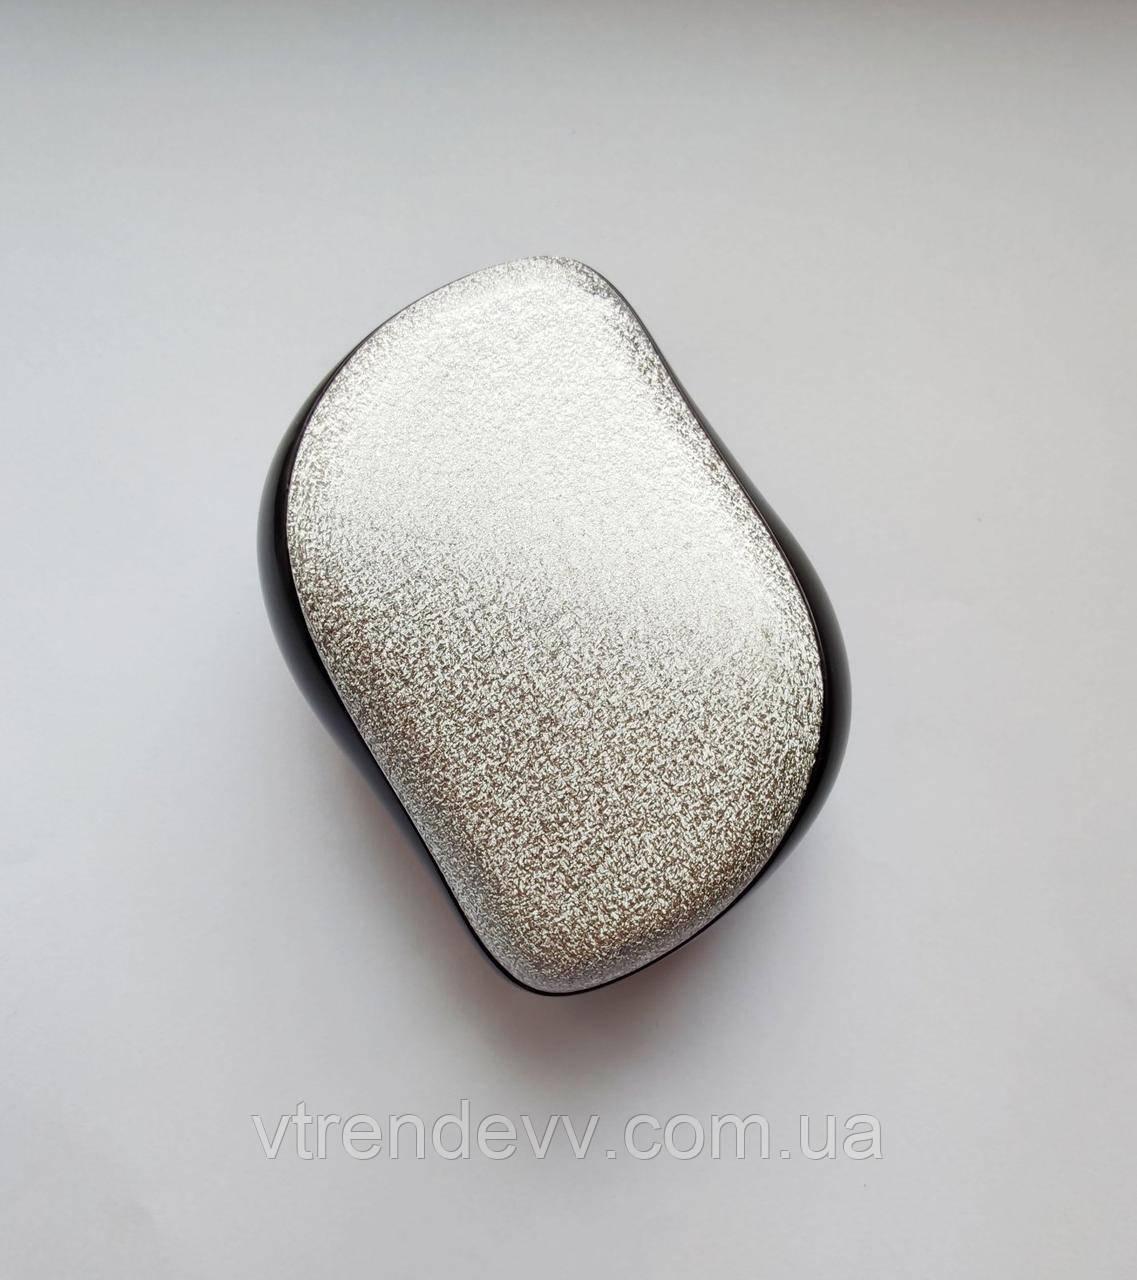 Расческа компактная Compact Styler Silver серебро